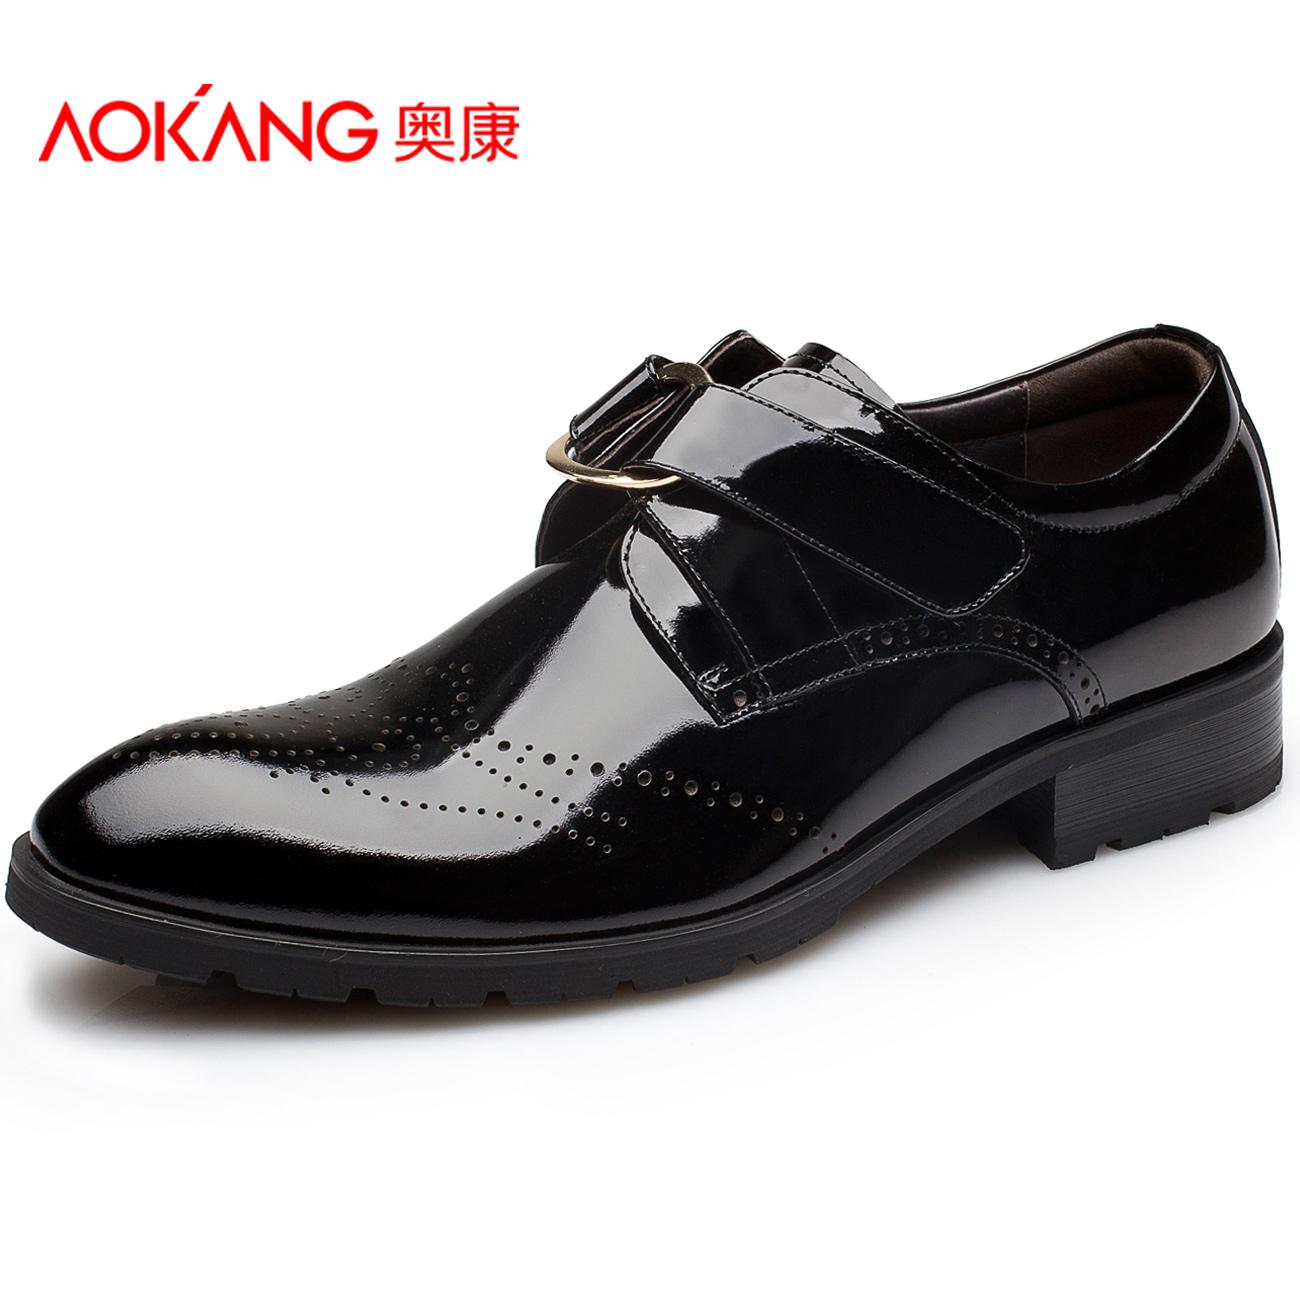 奥康男鞋 新款英伦雕花潮流圆头真皮头层皮 套脚布洛克雕花男单鞋